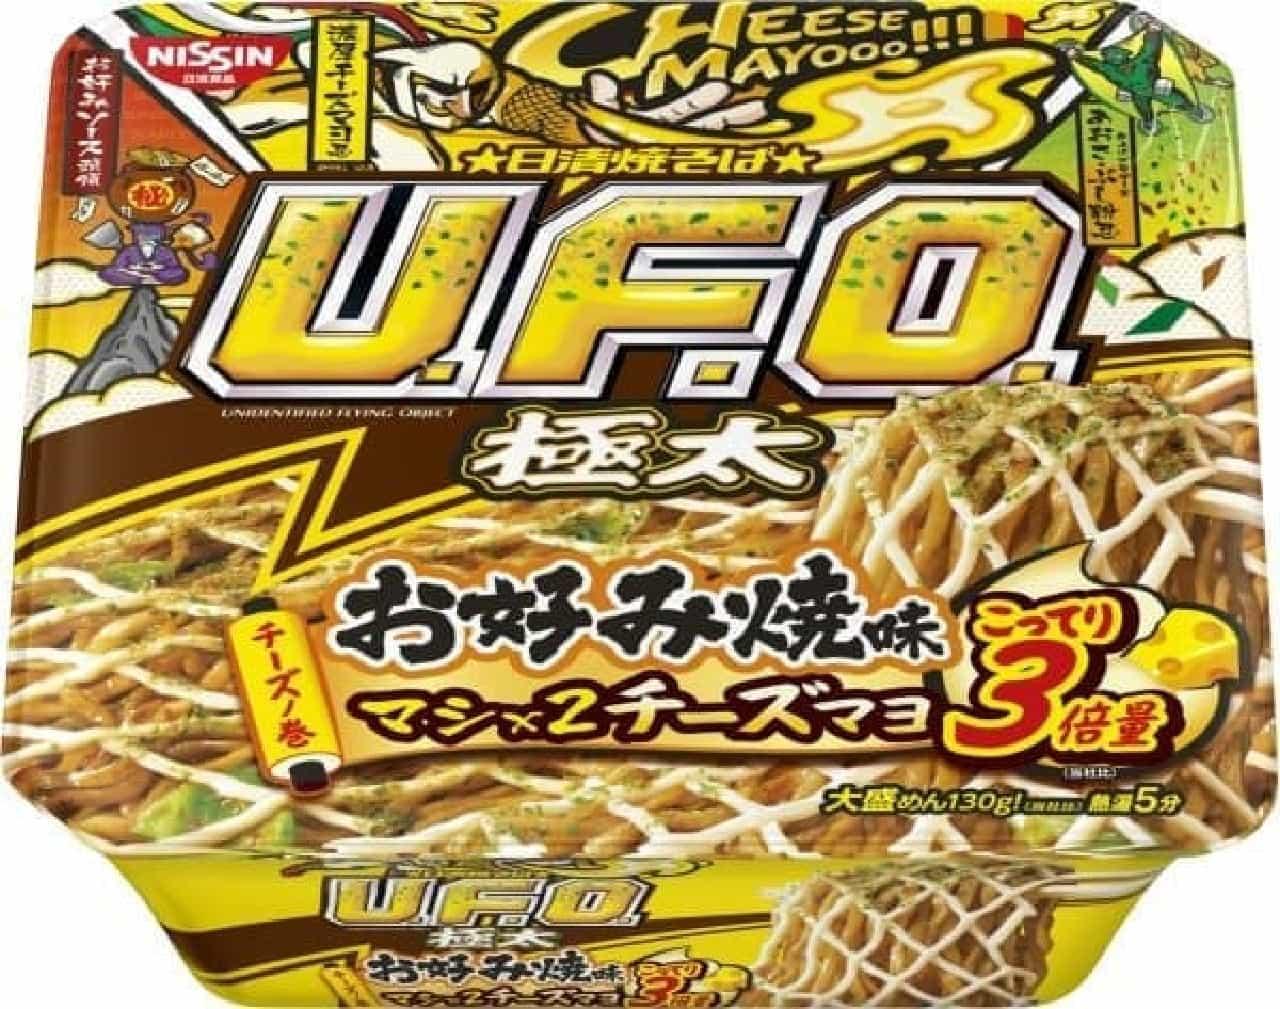 『日清焼そばU.F.O.』シリーズから、「ビッグ極太 お好み焼味マシ×2チーズマヨ」